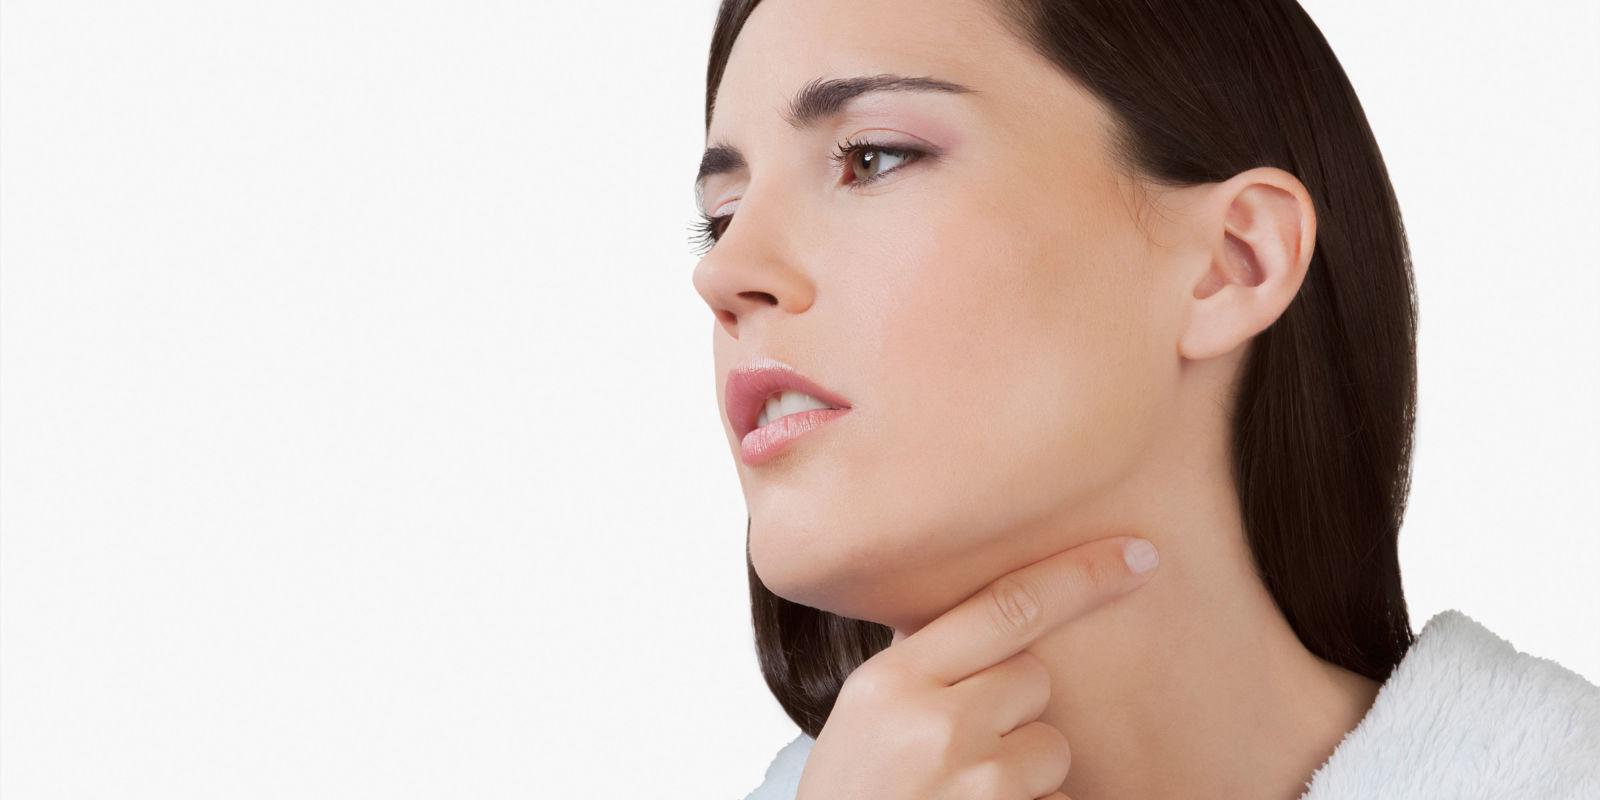 sore throat facial pain